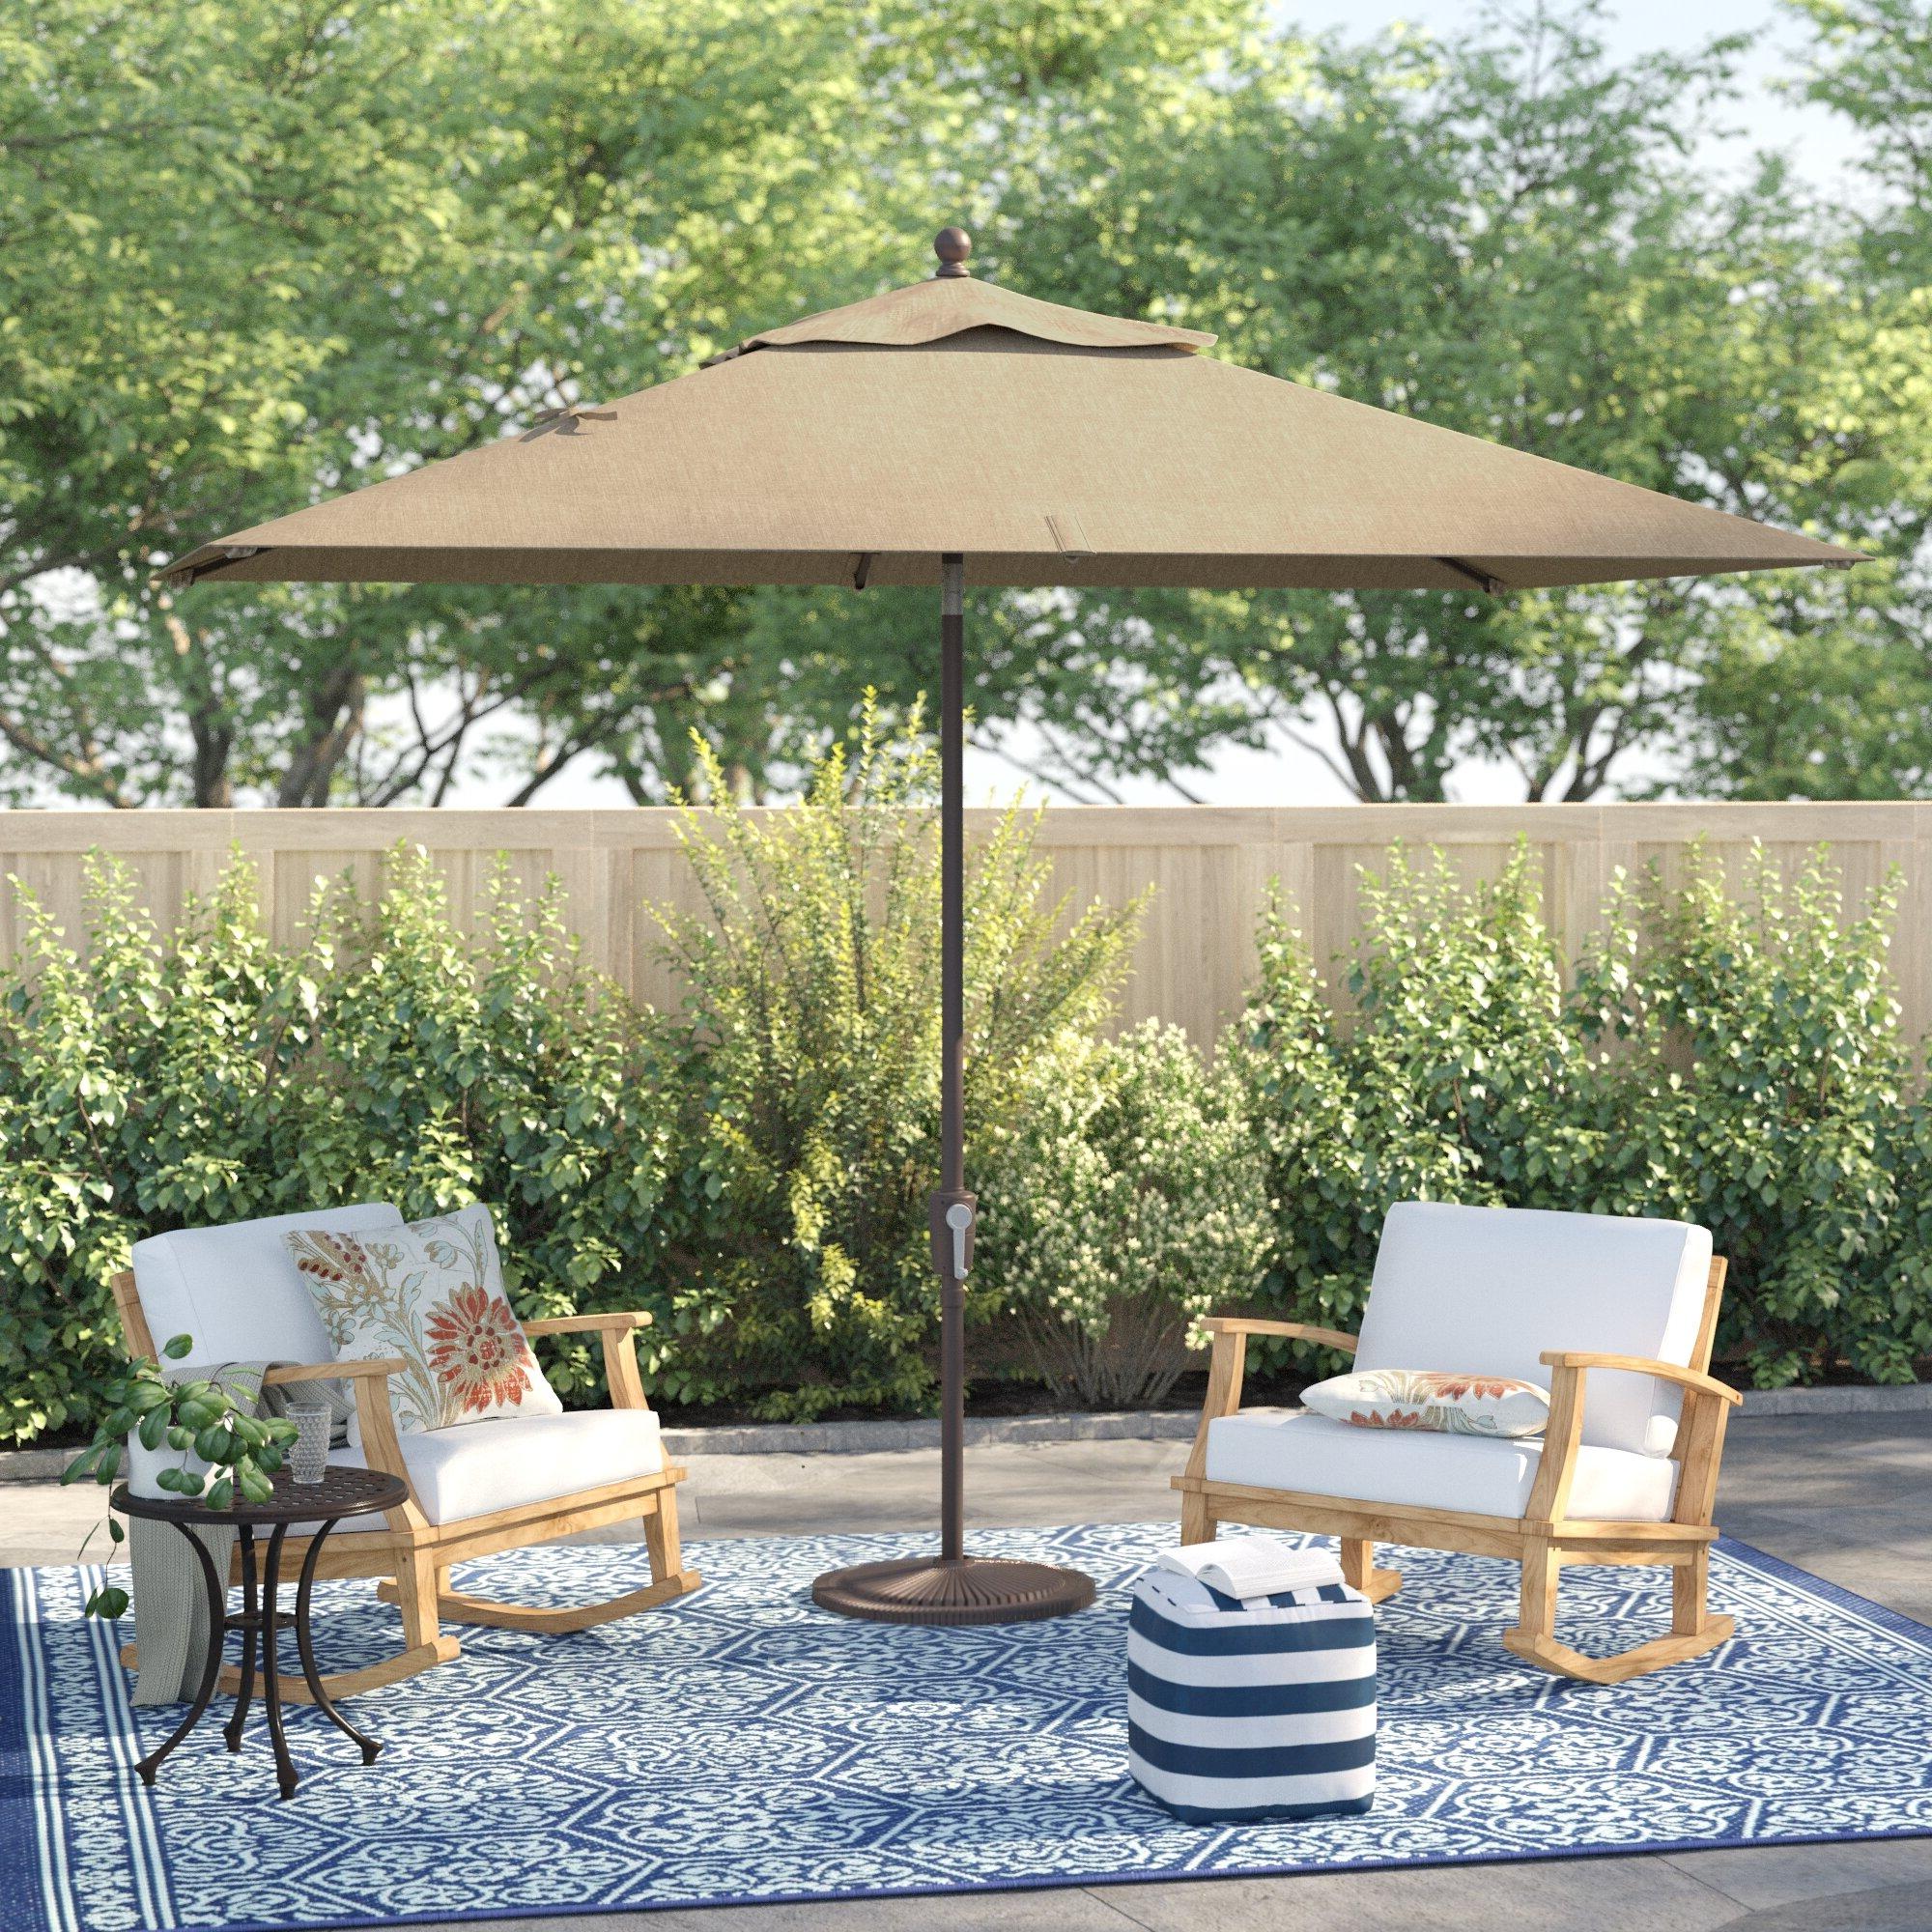 Launceston 10' X 6.5' Rectangular Market Umbrella Within Latest Bonita Rectangular Market Umbrellas (Gallery 1 of 20)